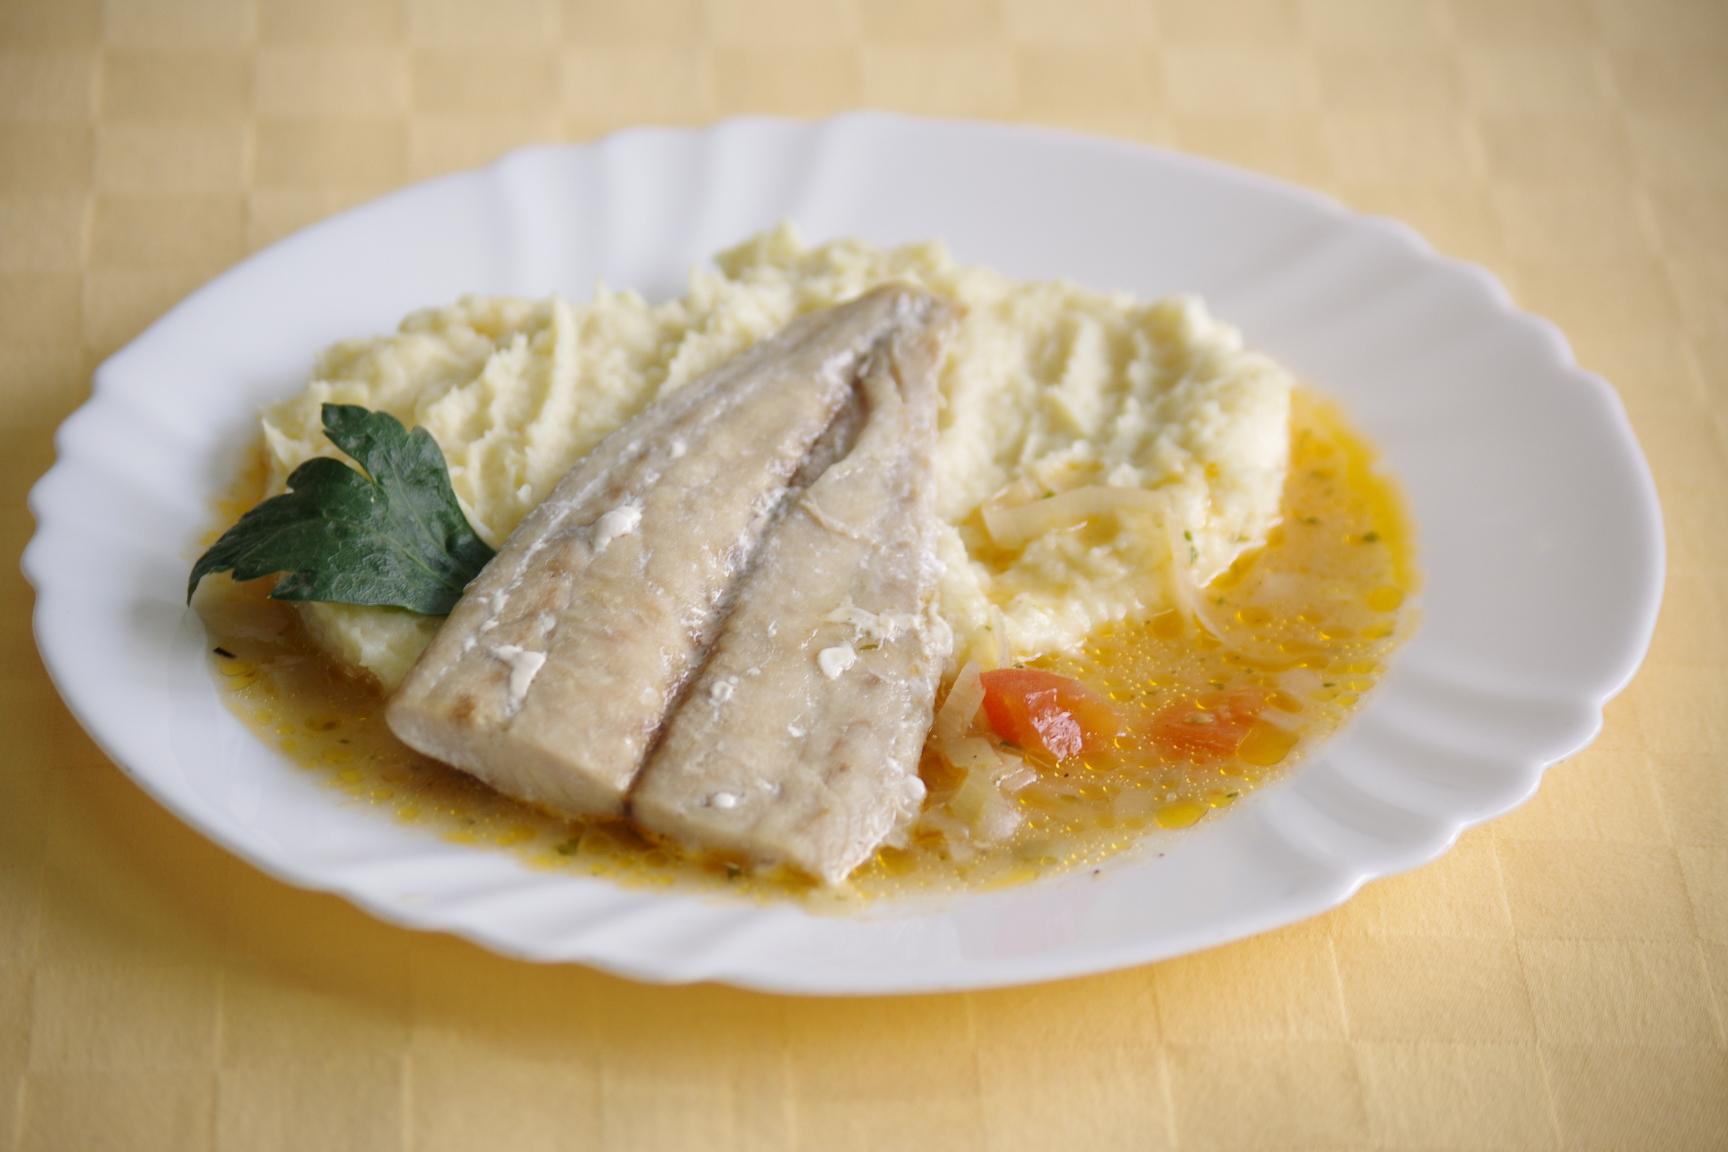 Ryba Mahi-mahi na egyptský spôsob, paštrnákové pyré